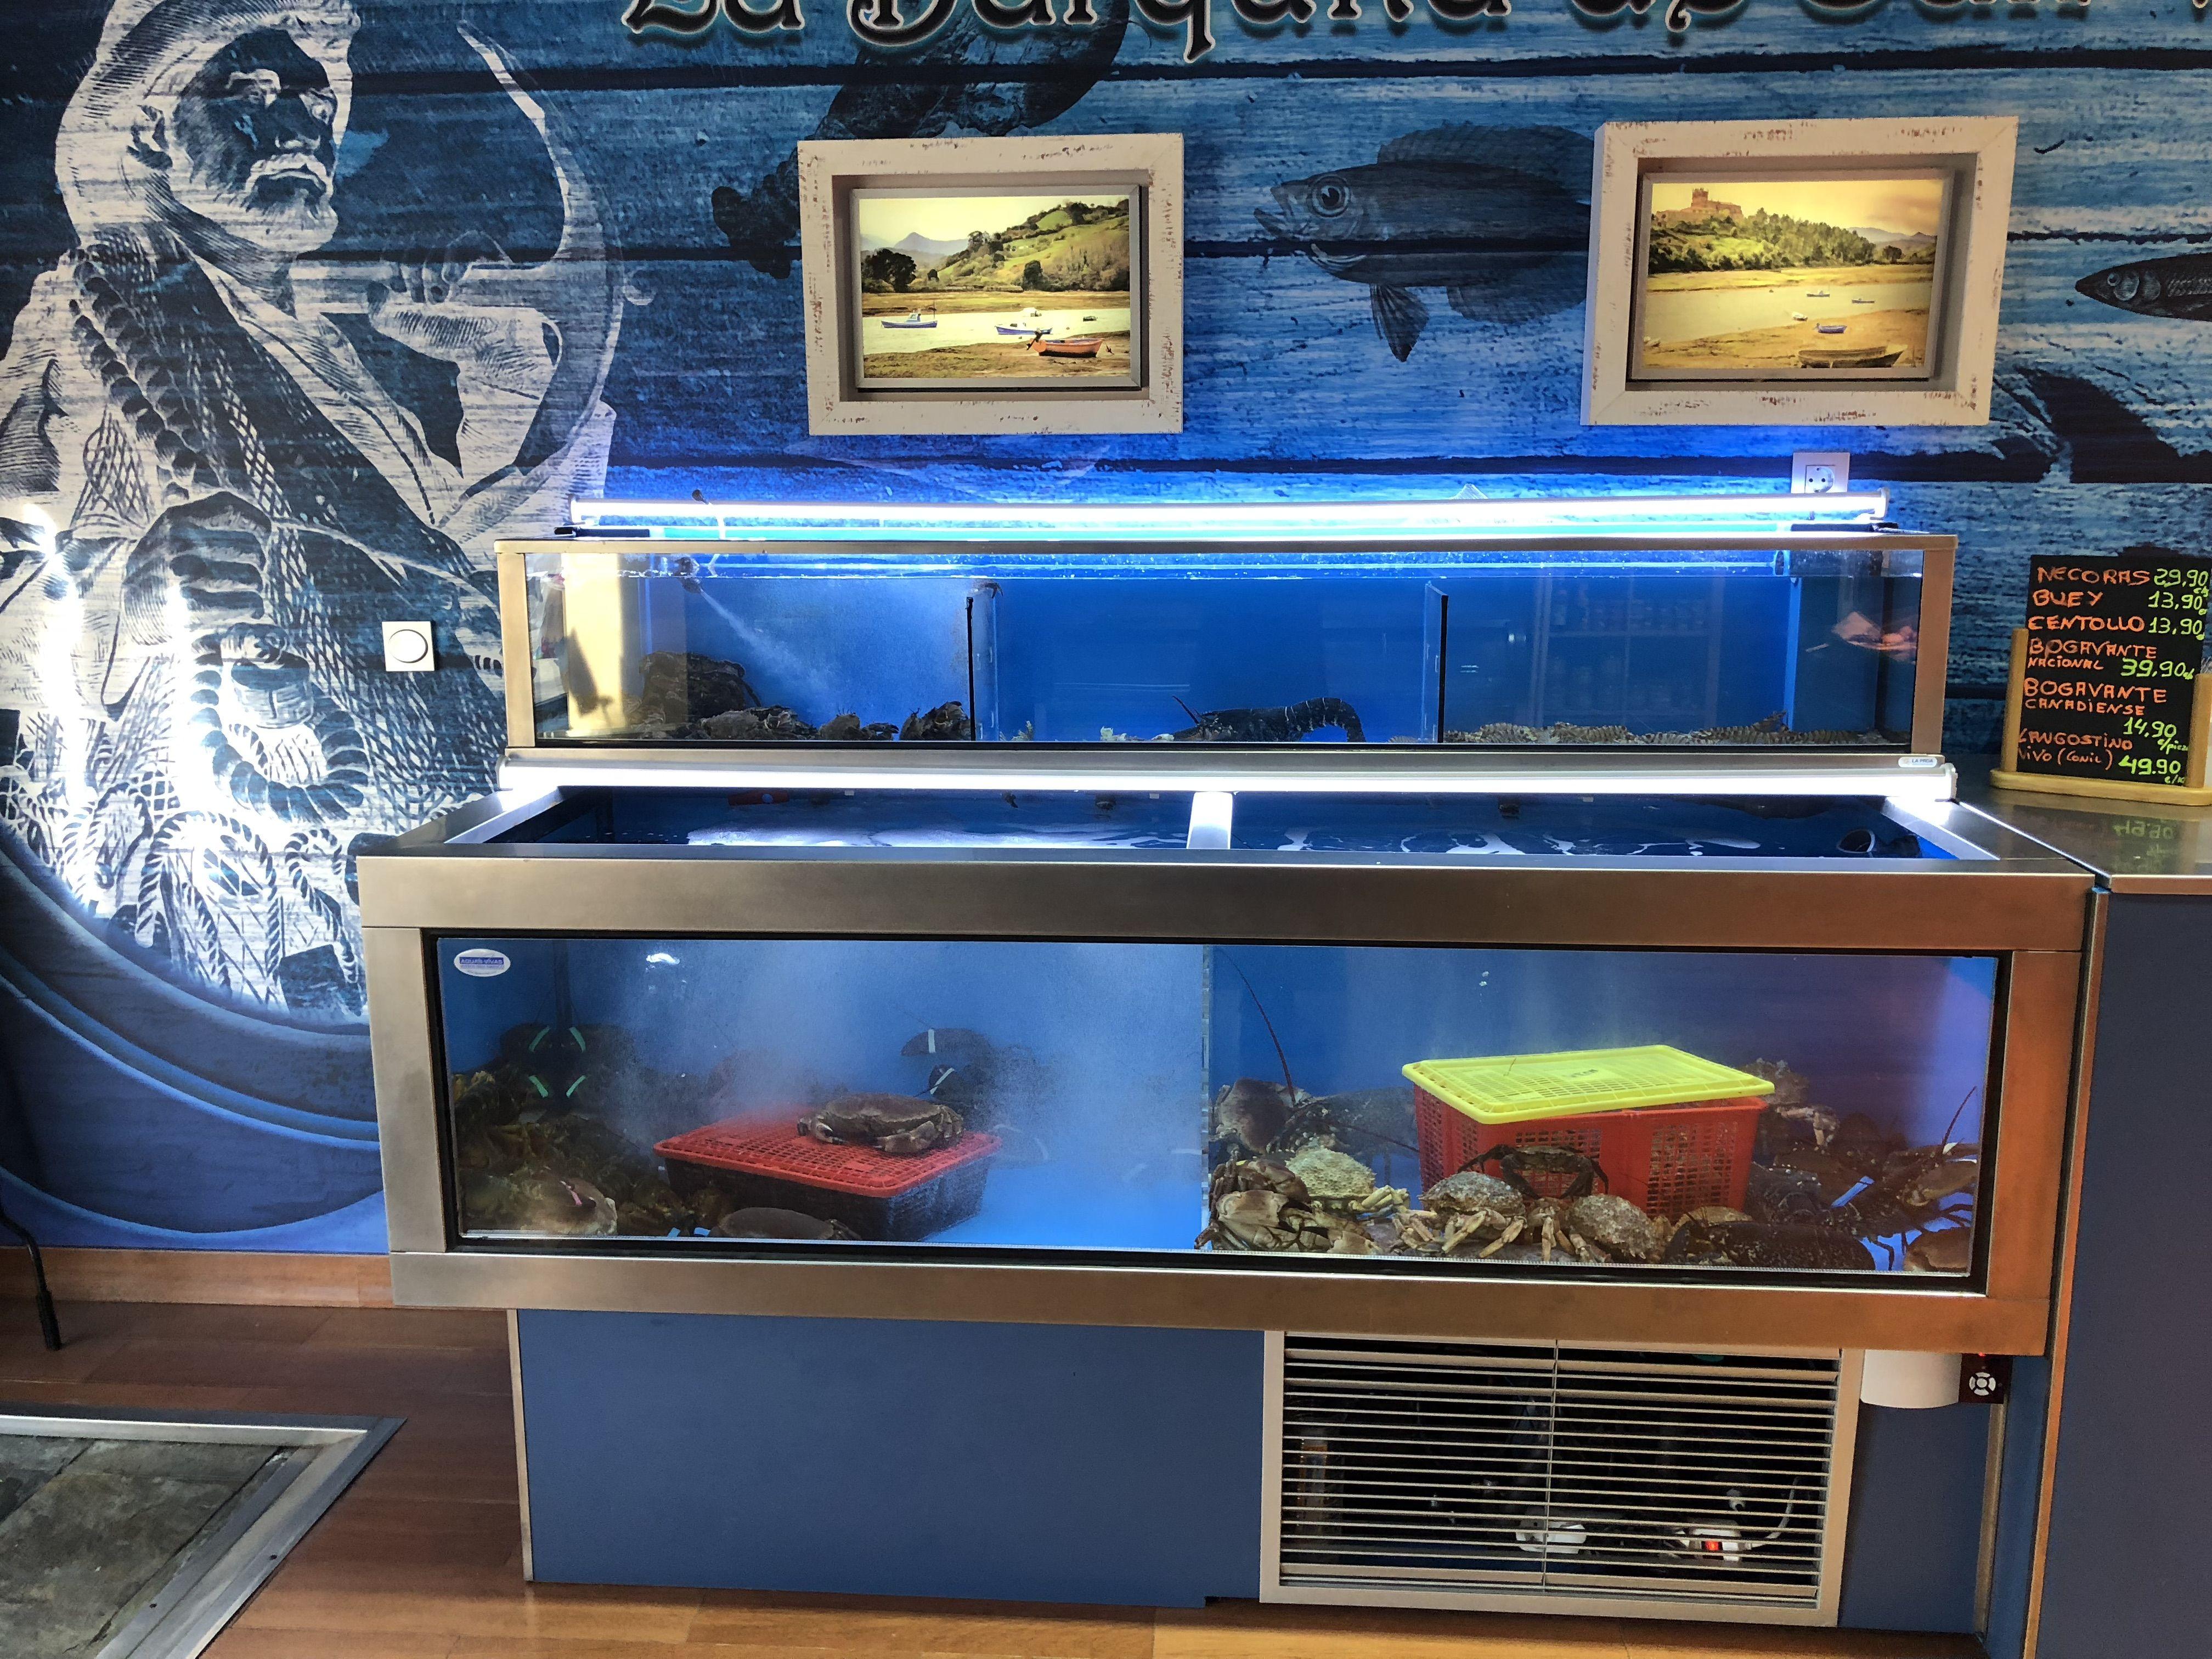 Foto 1 de Venta de pescado y mariscos de calidad suprema en Valladolid | La Barquita de San Vicente